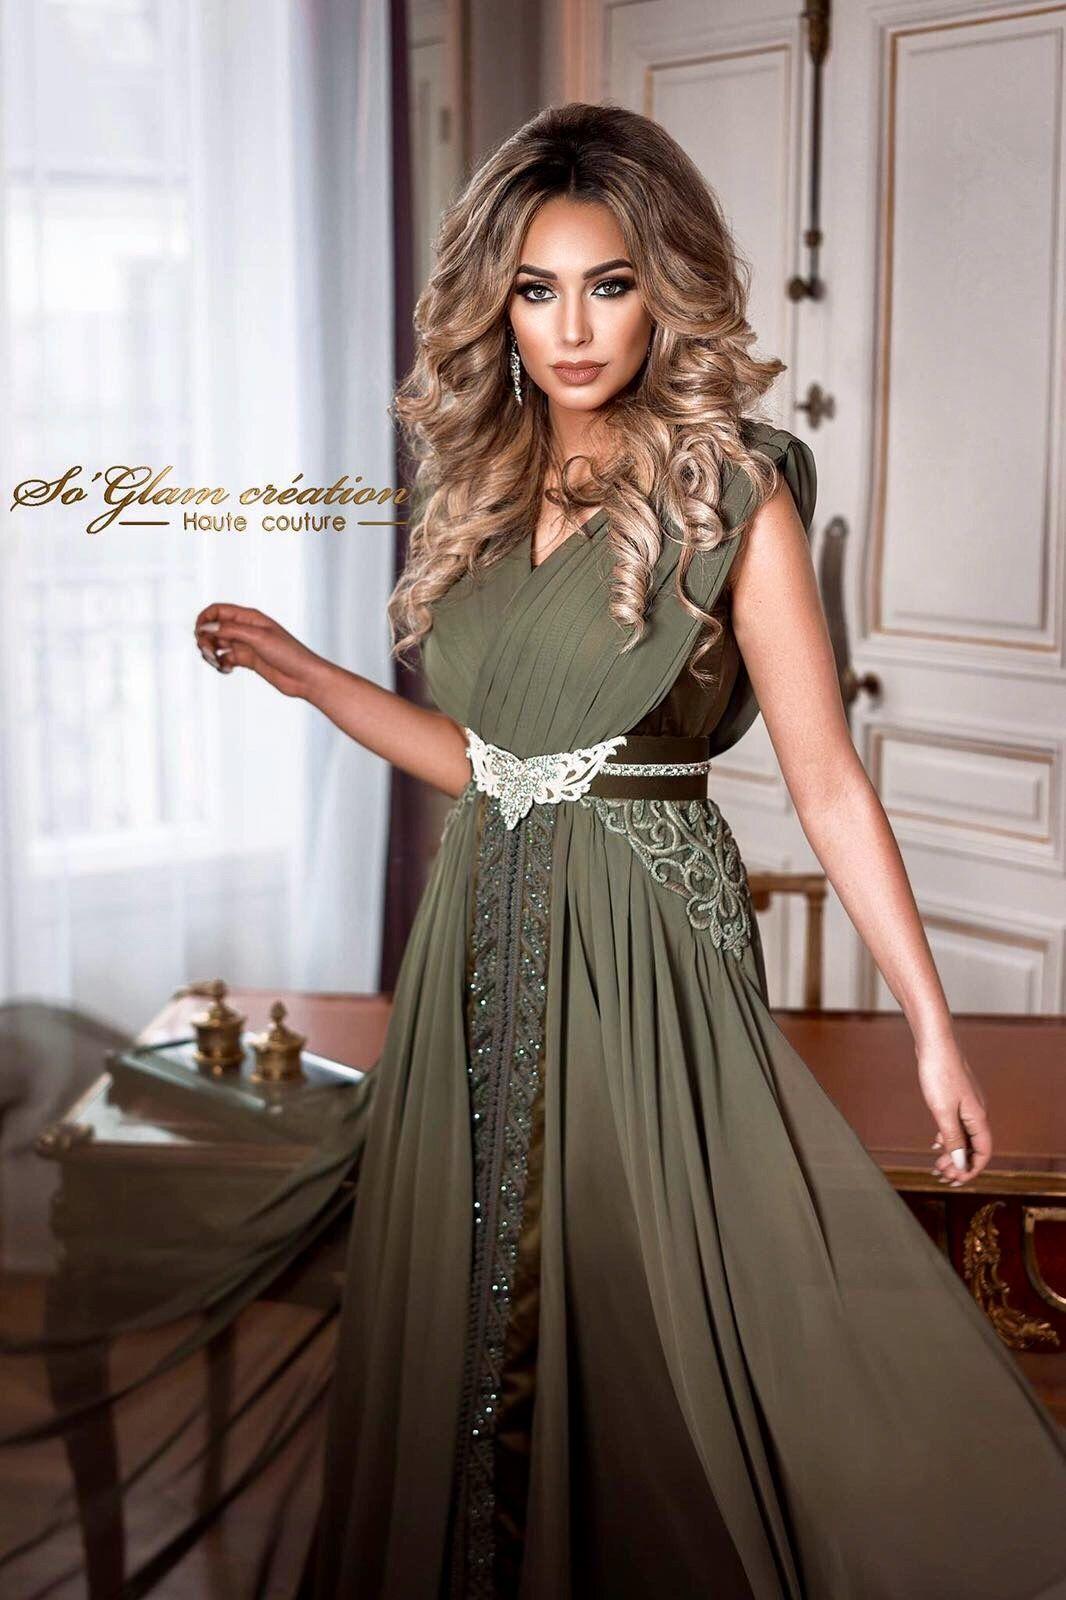 So glam creation   Beldi   Pinterest   Takschita und Kleider 9970791aa2